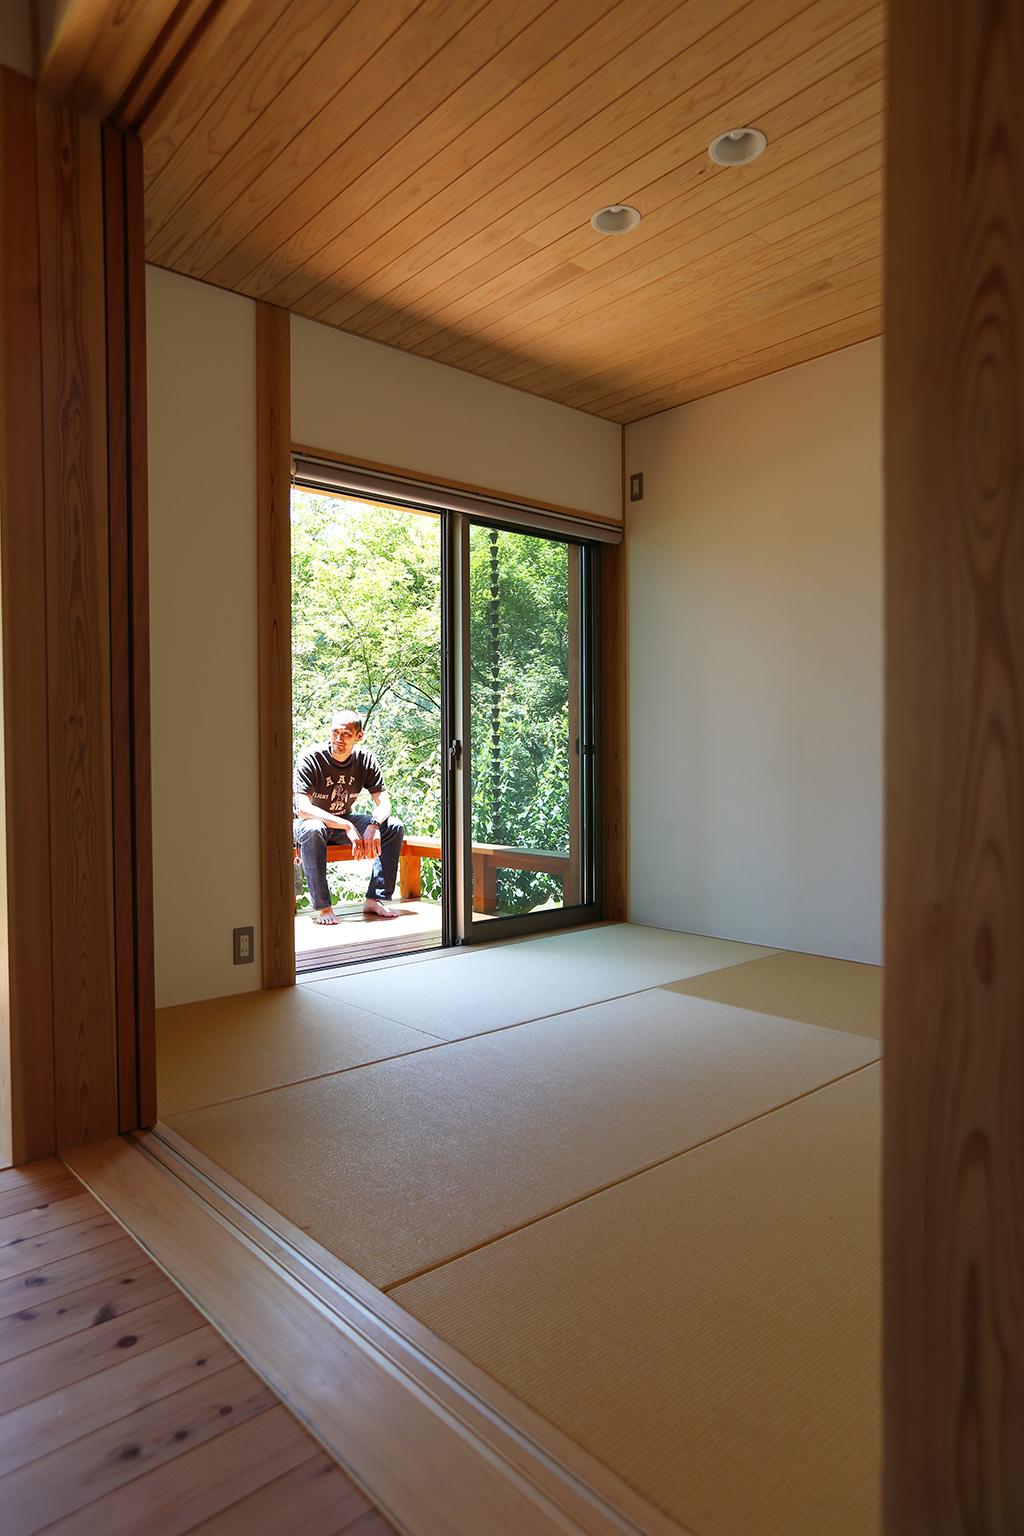 姫路市の木の家 予備室として設計したリビング脇の和室